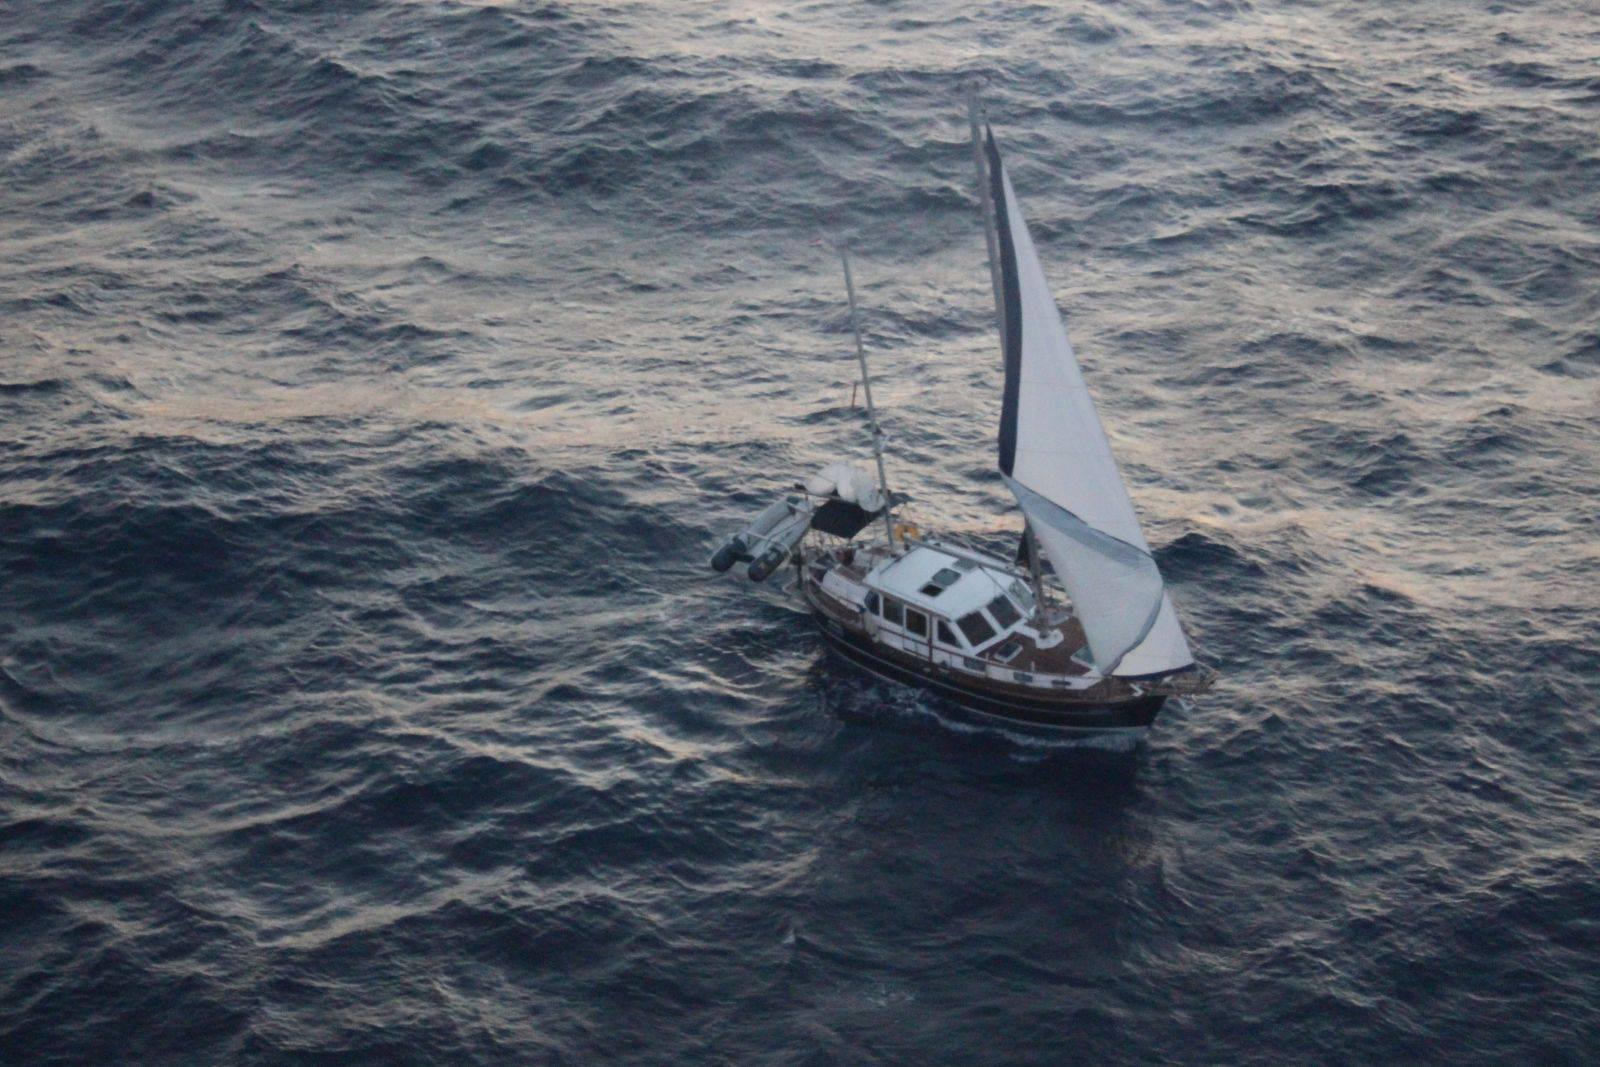 Prestali tražiti nautičara koji je nestao u moru prošli tjedan